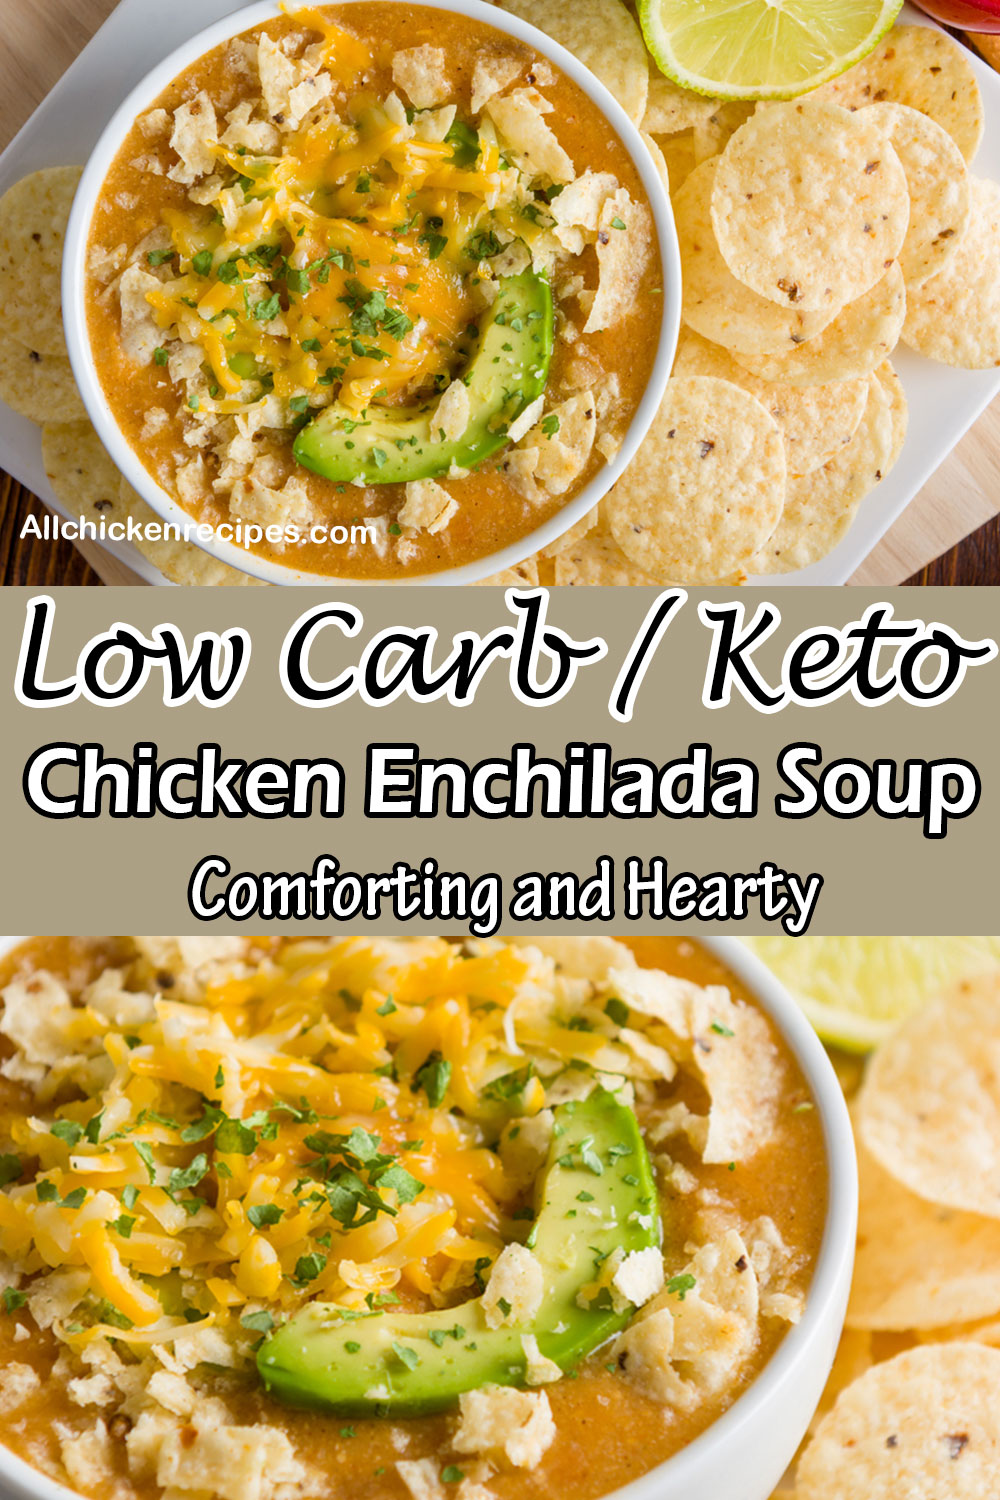 Low Carb Keto Chicken Enchilada Soup